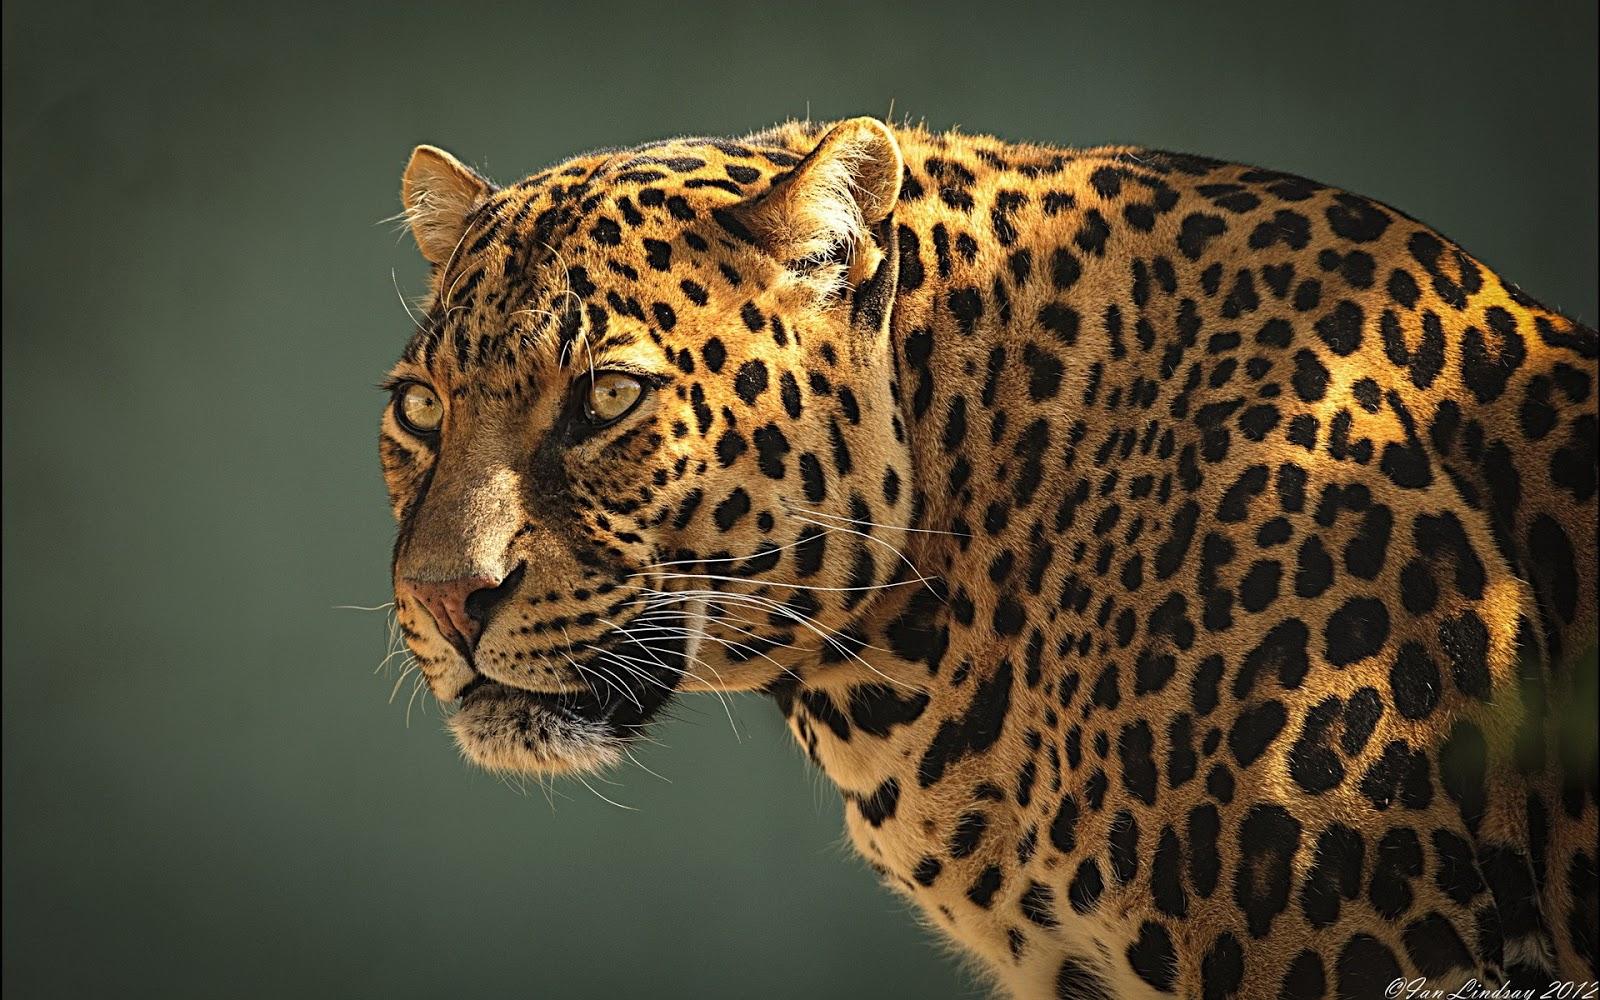 Animales Felino Leopardos Fondo De Pantalla Fondos De: Fondos De Pantalla HD